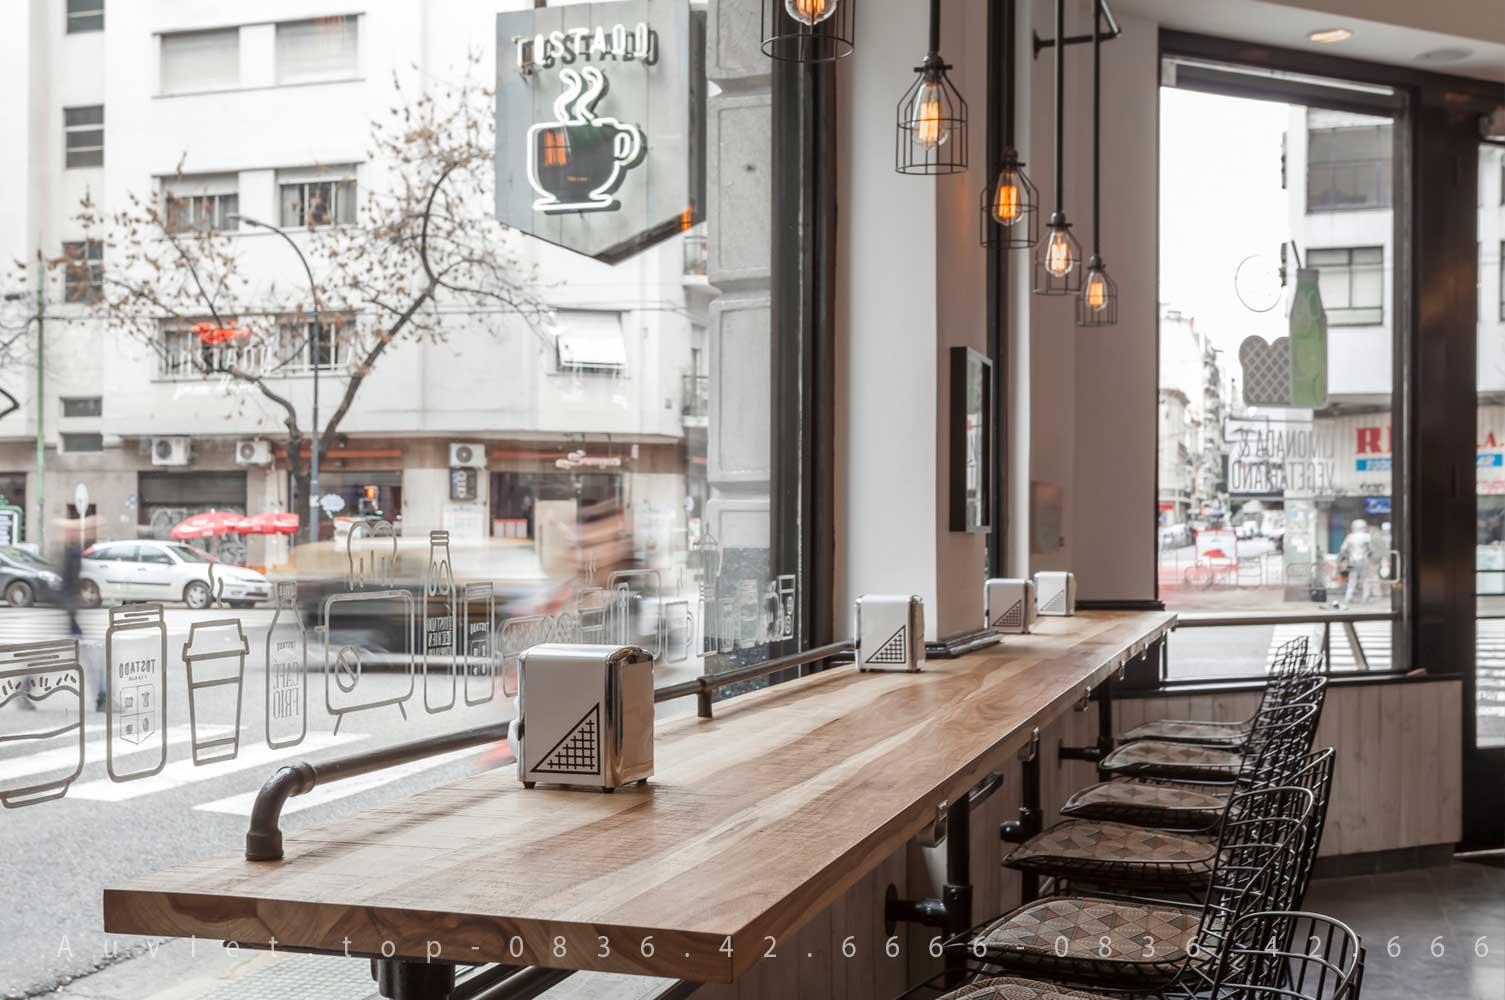 Thiet ke noi that go cong nghiep goc view dep Cafe Tostado au viet . top